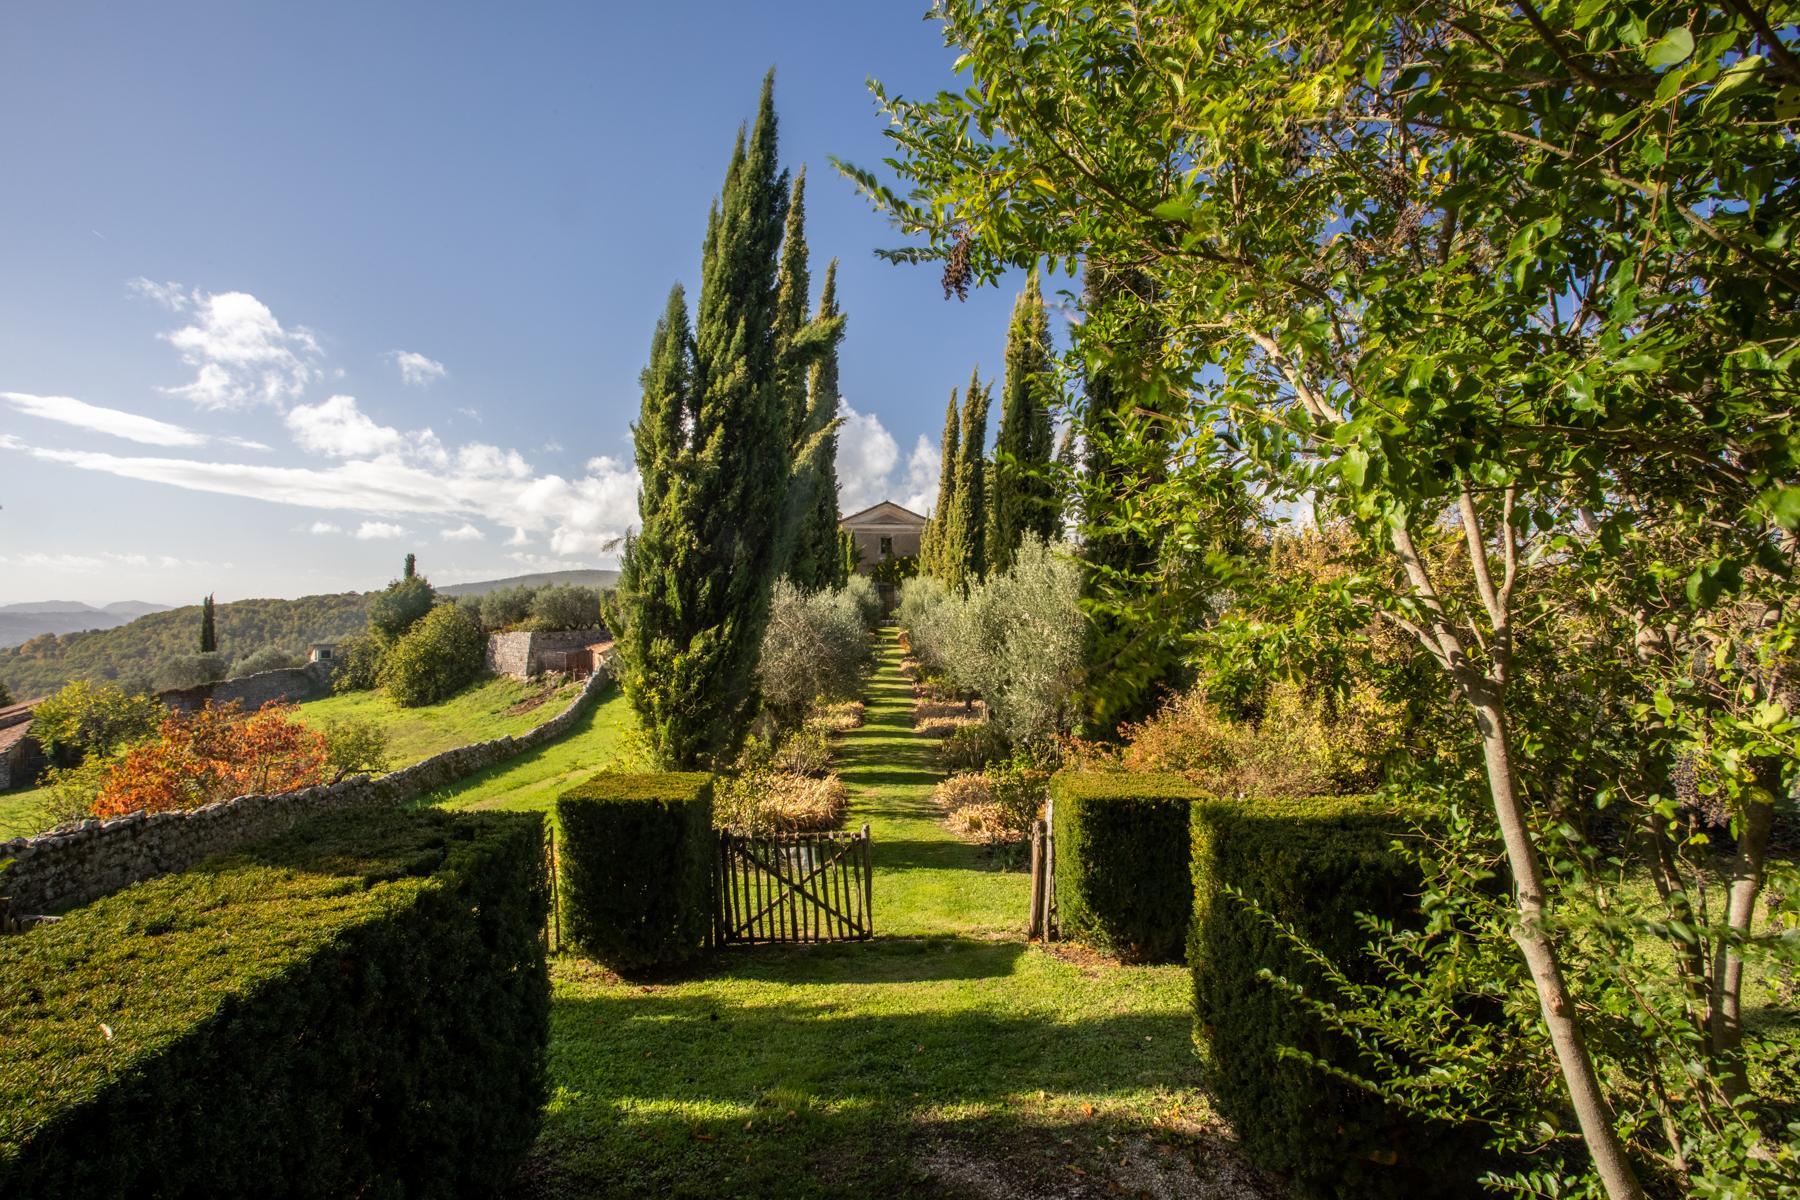 中世纪村庄Oliveto山顶上的雄壮宫殿 - 25